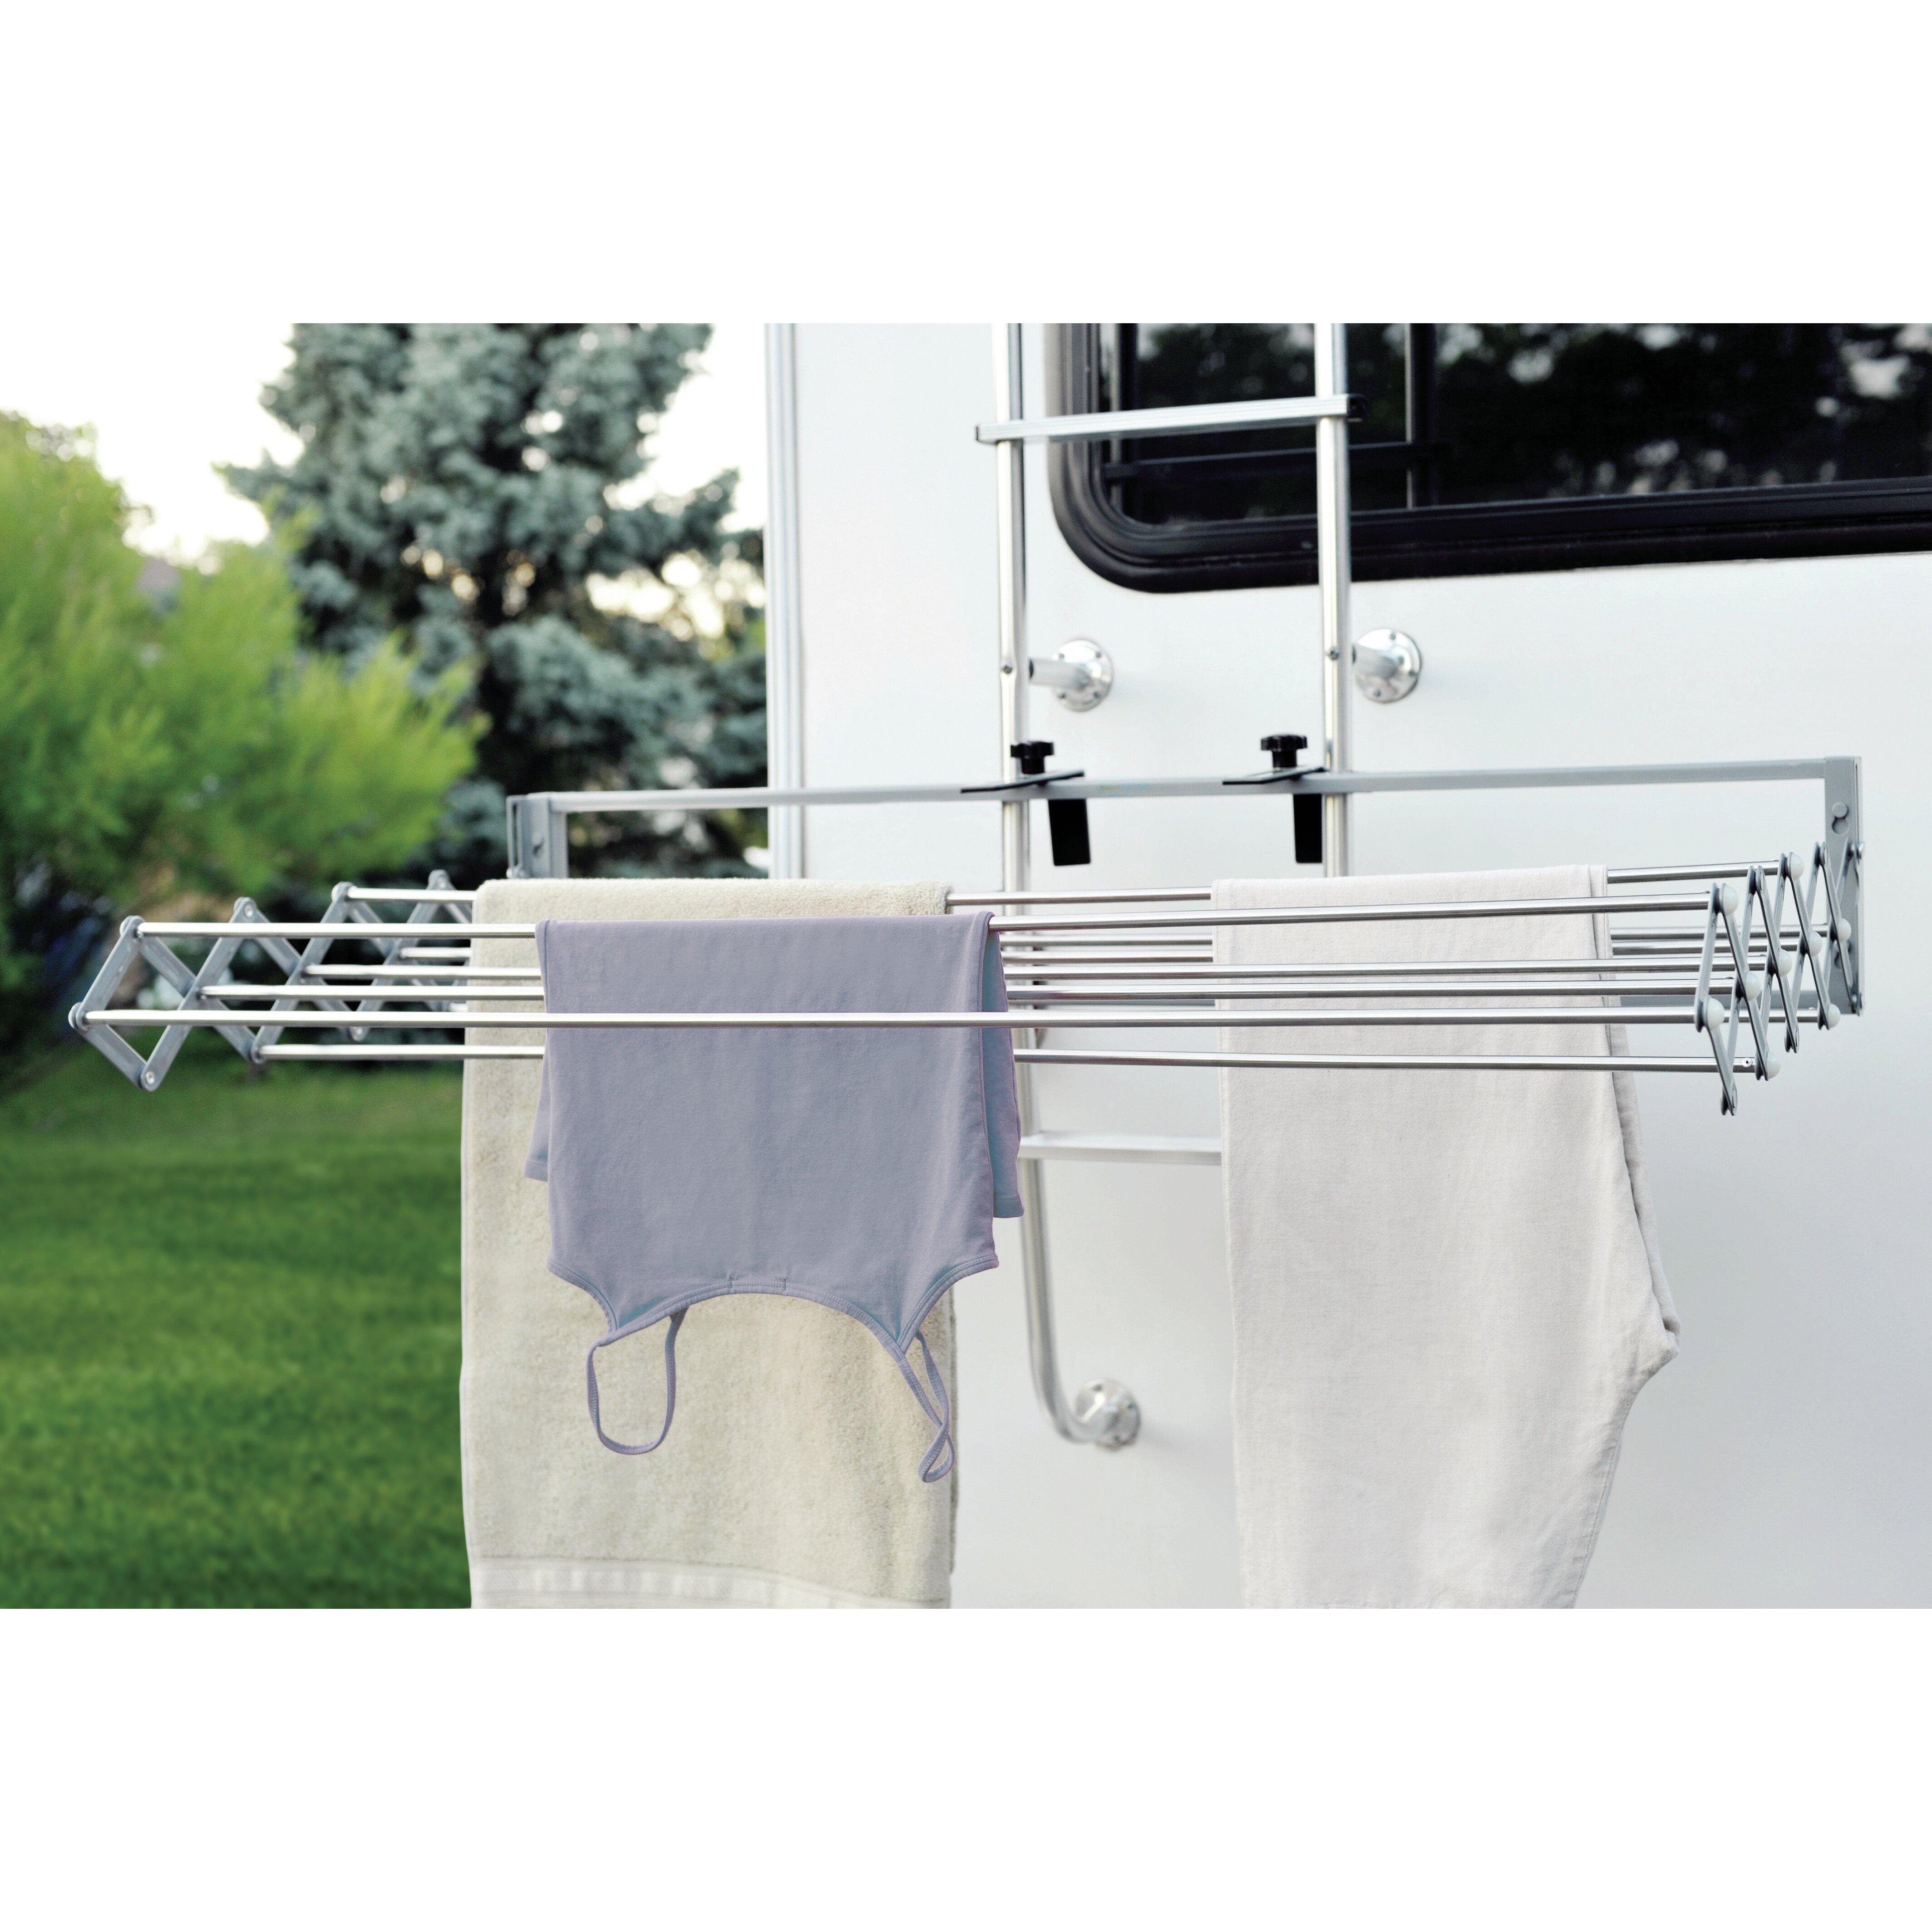 Xcentrik smart dryer telescopic clothes drying rack reviews wayfair - Etendoir exterieur mural ...